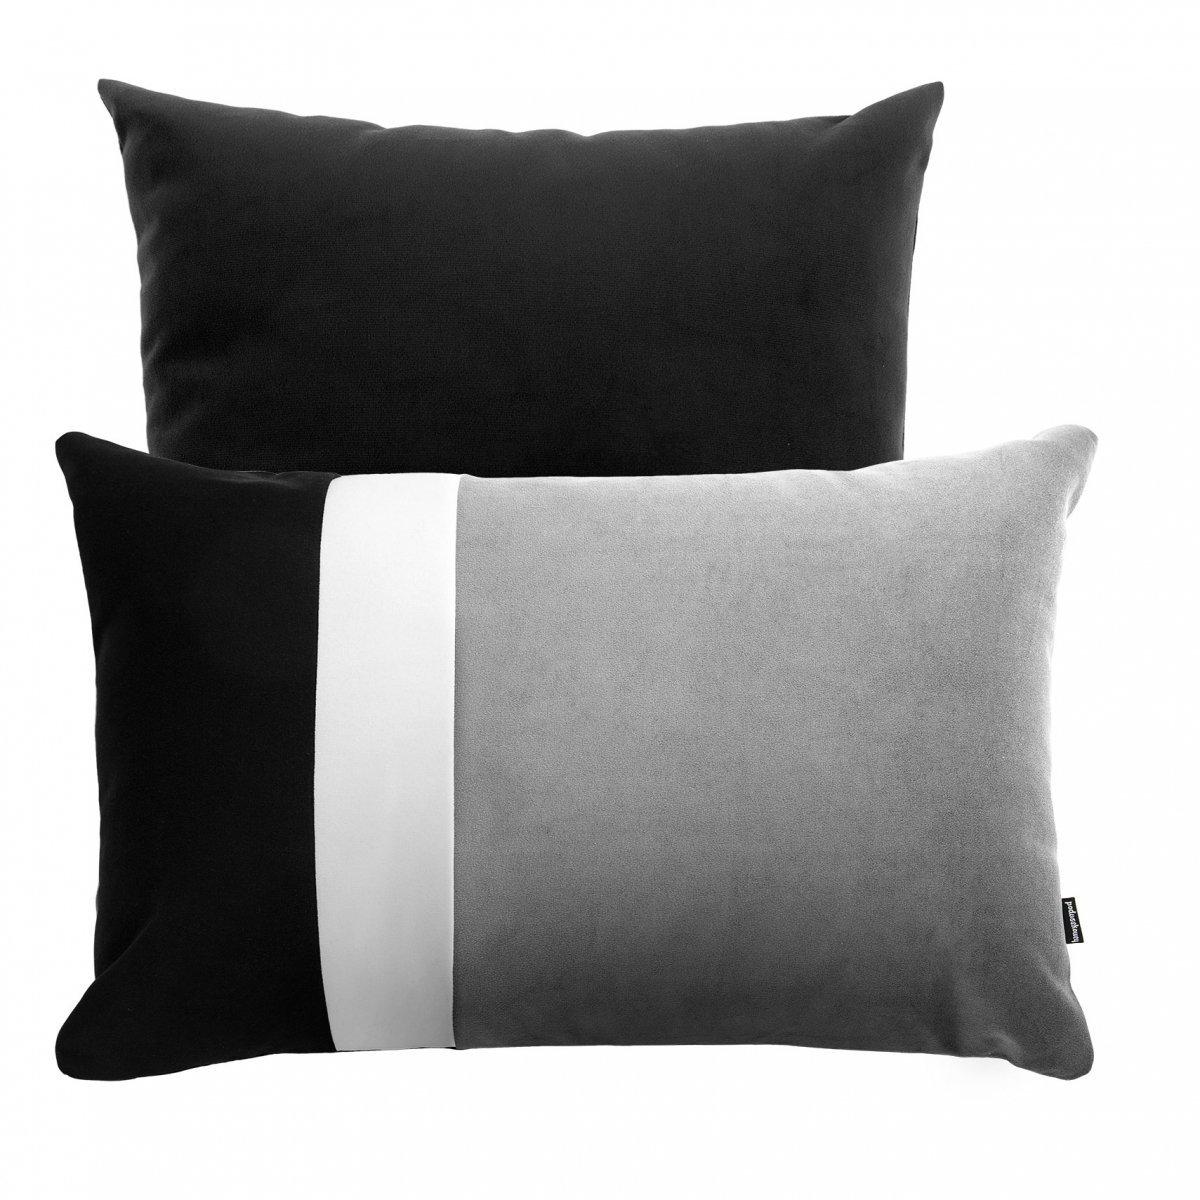 Szaro czarny zestaw poduszek dekoracyjnych Pram